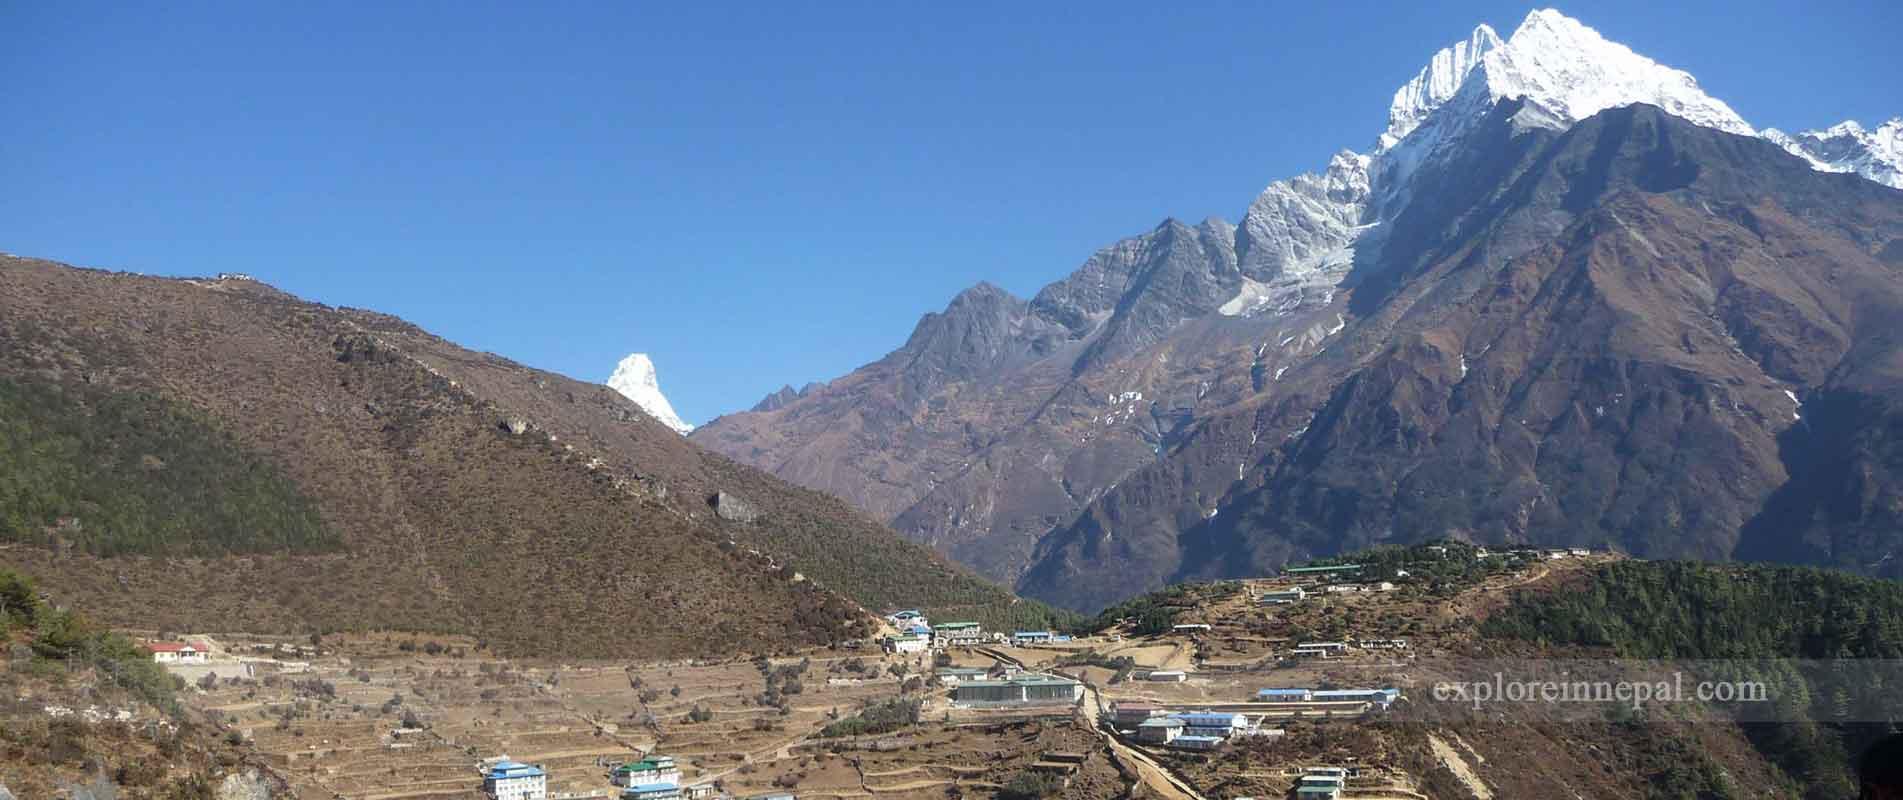 Namche Bazar Nepal -Nature Explore Trek